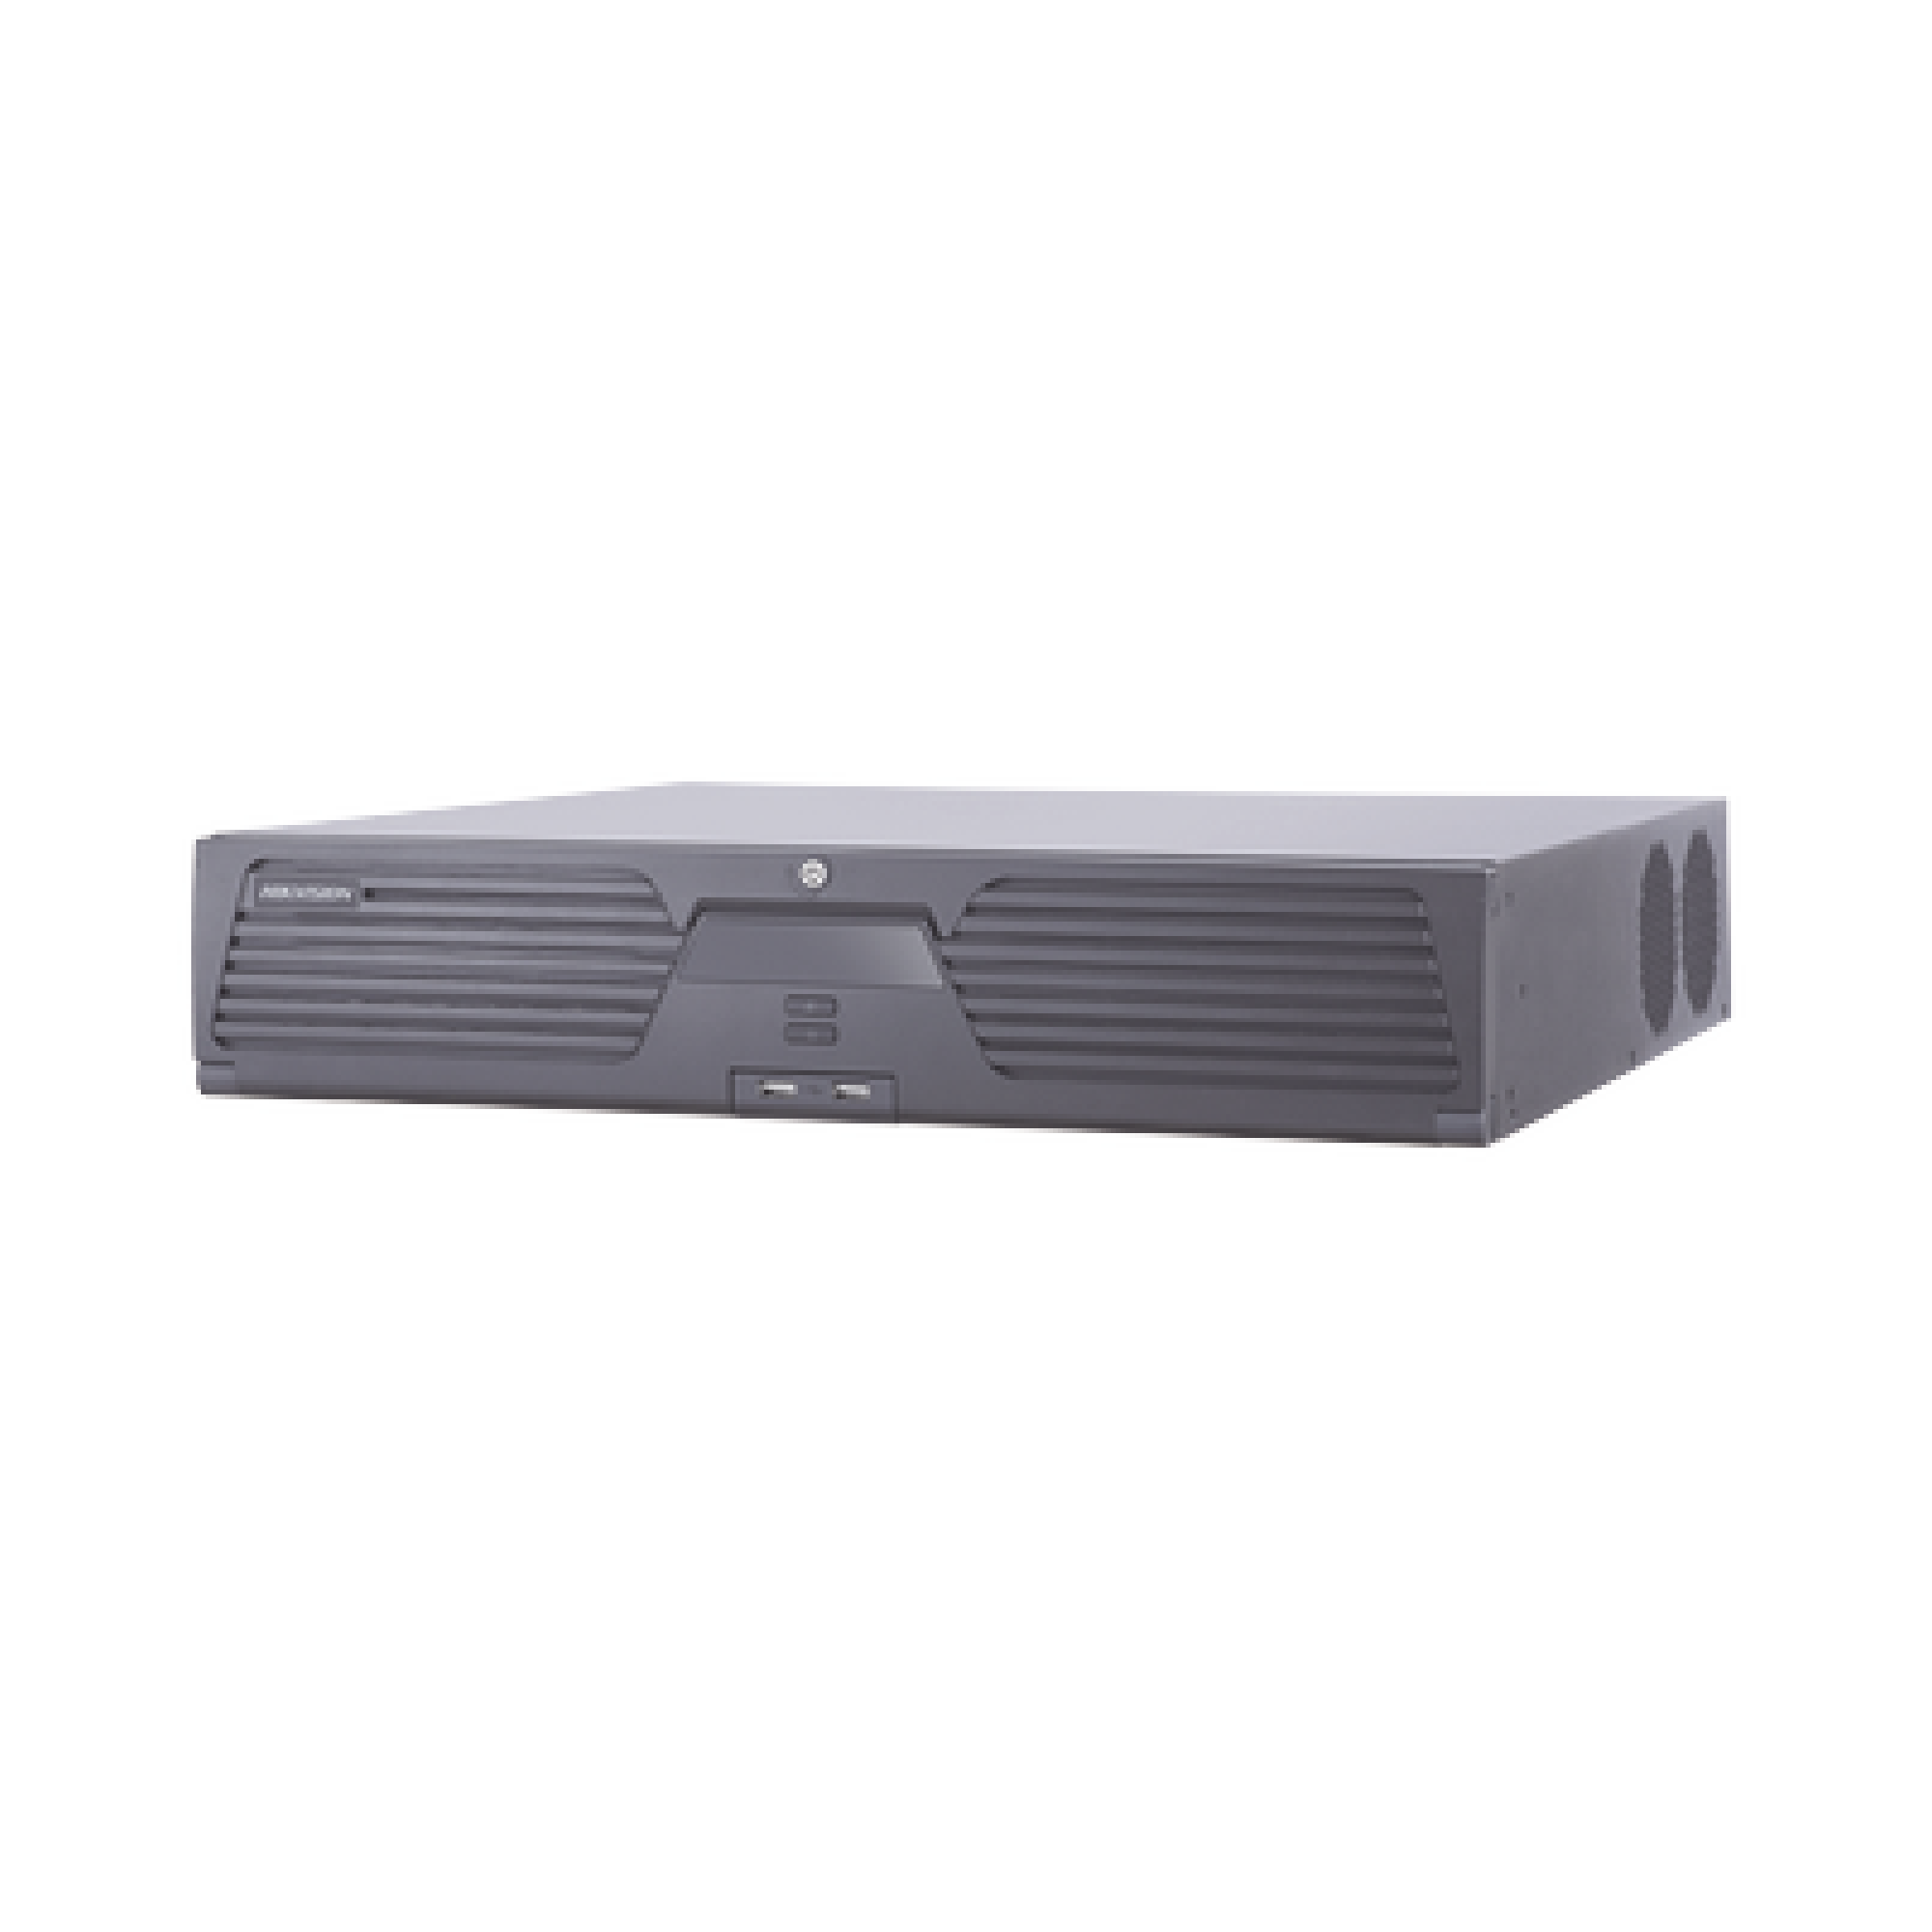 NVR 12 Megapixel (4K) / 32 Canales IP / 8 Bahias de Disco Duro / 2 Tarjetas de Red / Soporta RAID / Reconocimiento Facial / Bases de Datos / Filtro de Falsas Alarmas / Deteccion de Cuerpo Humano y Vehiculos